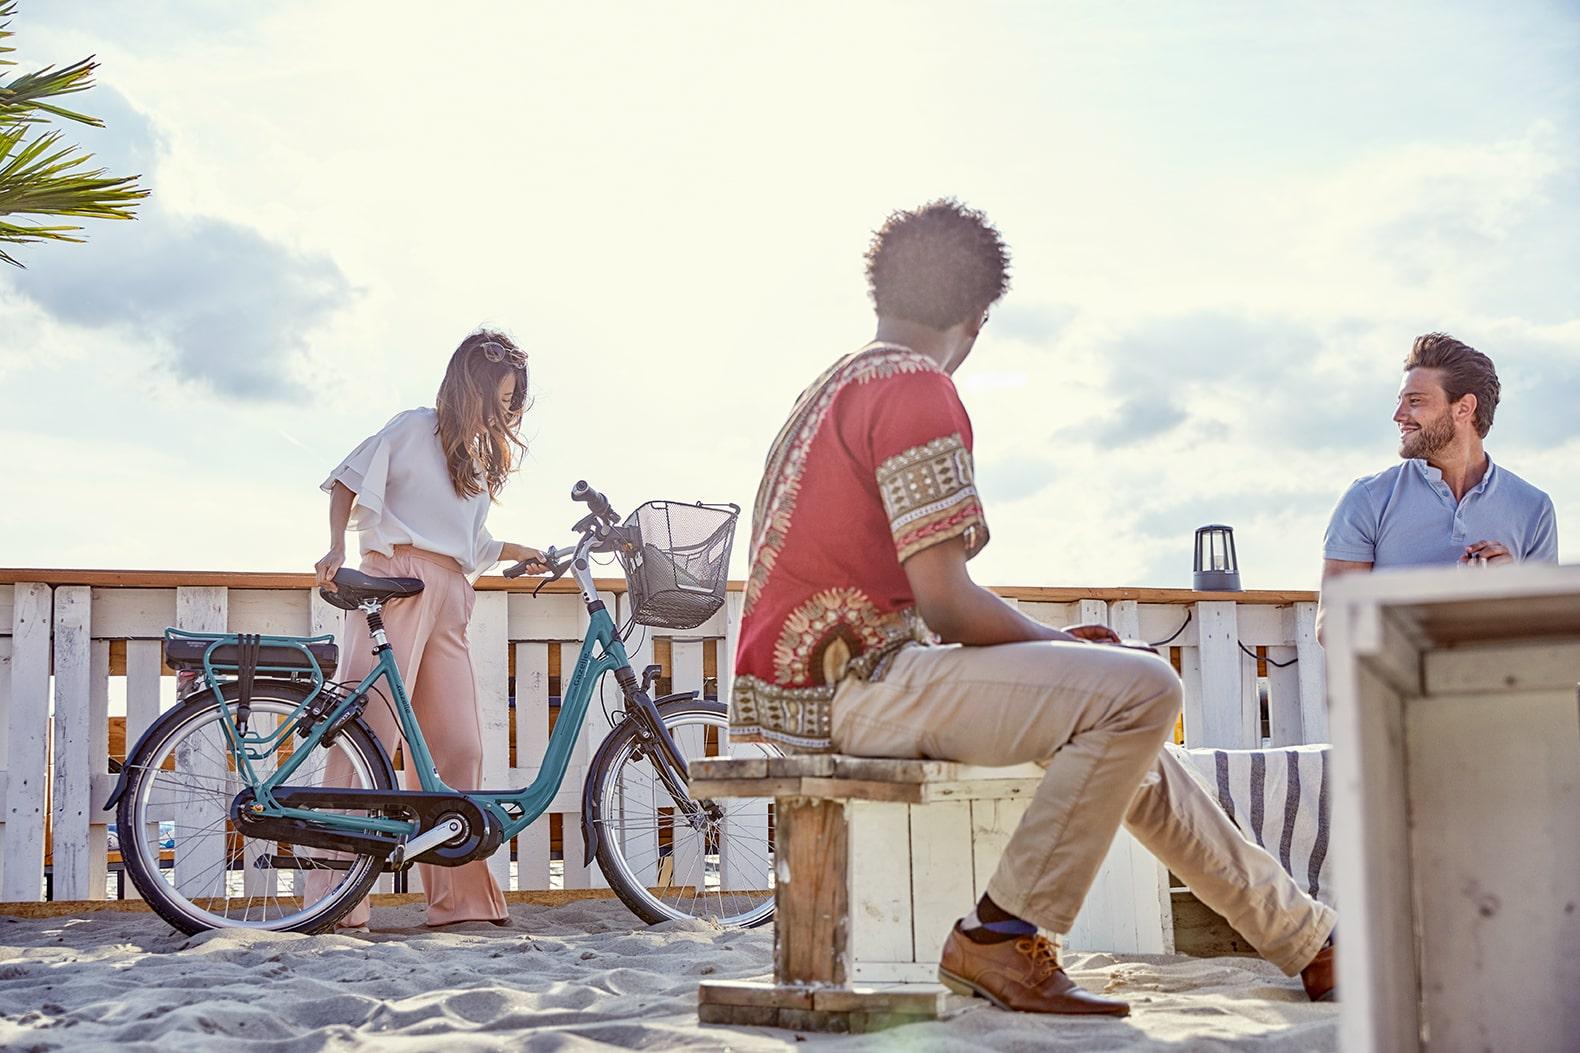 Femme près d'un vélo | Ami C8